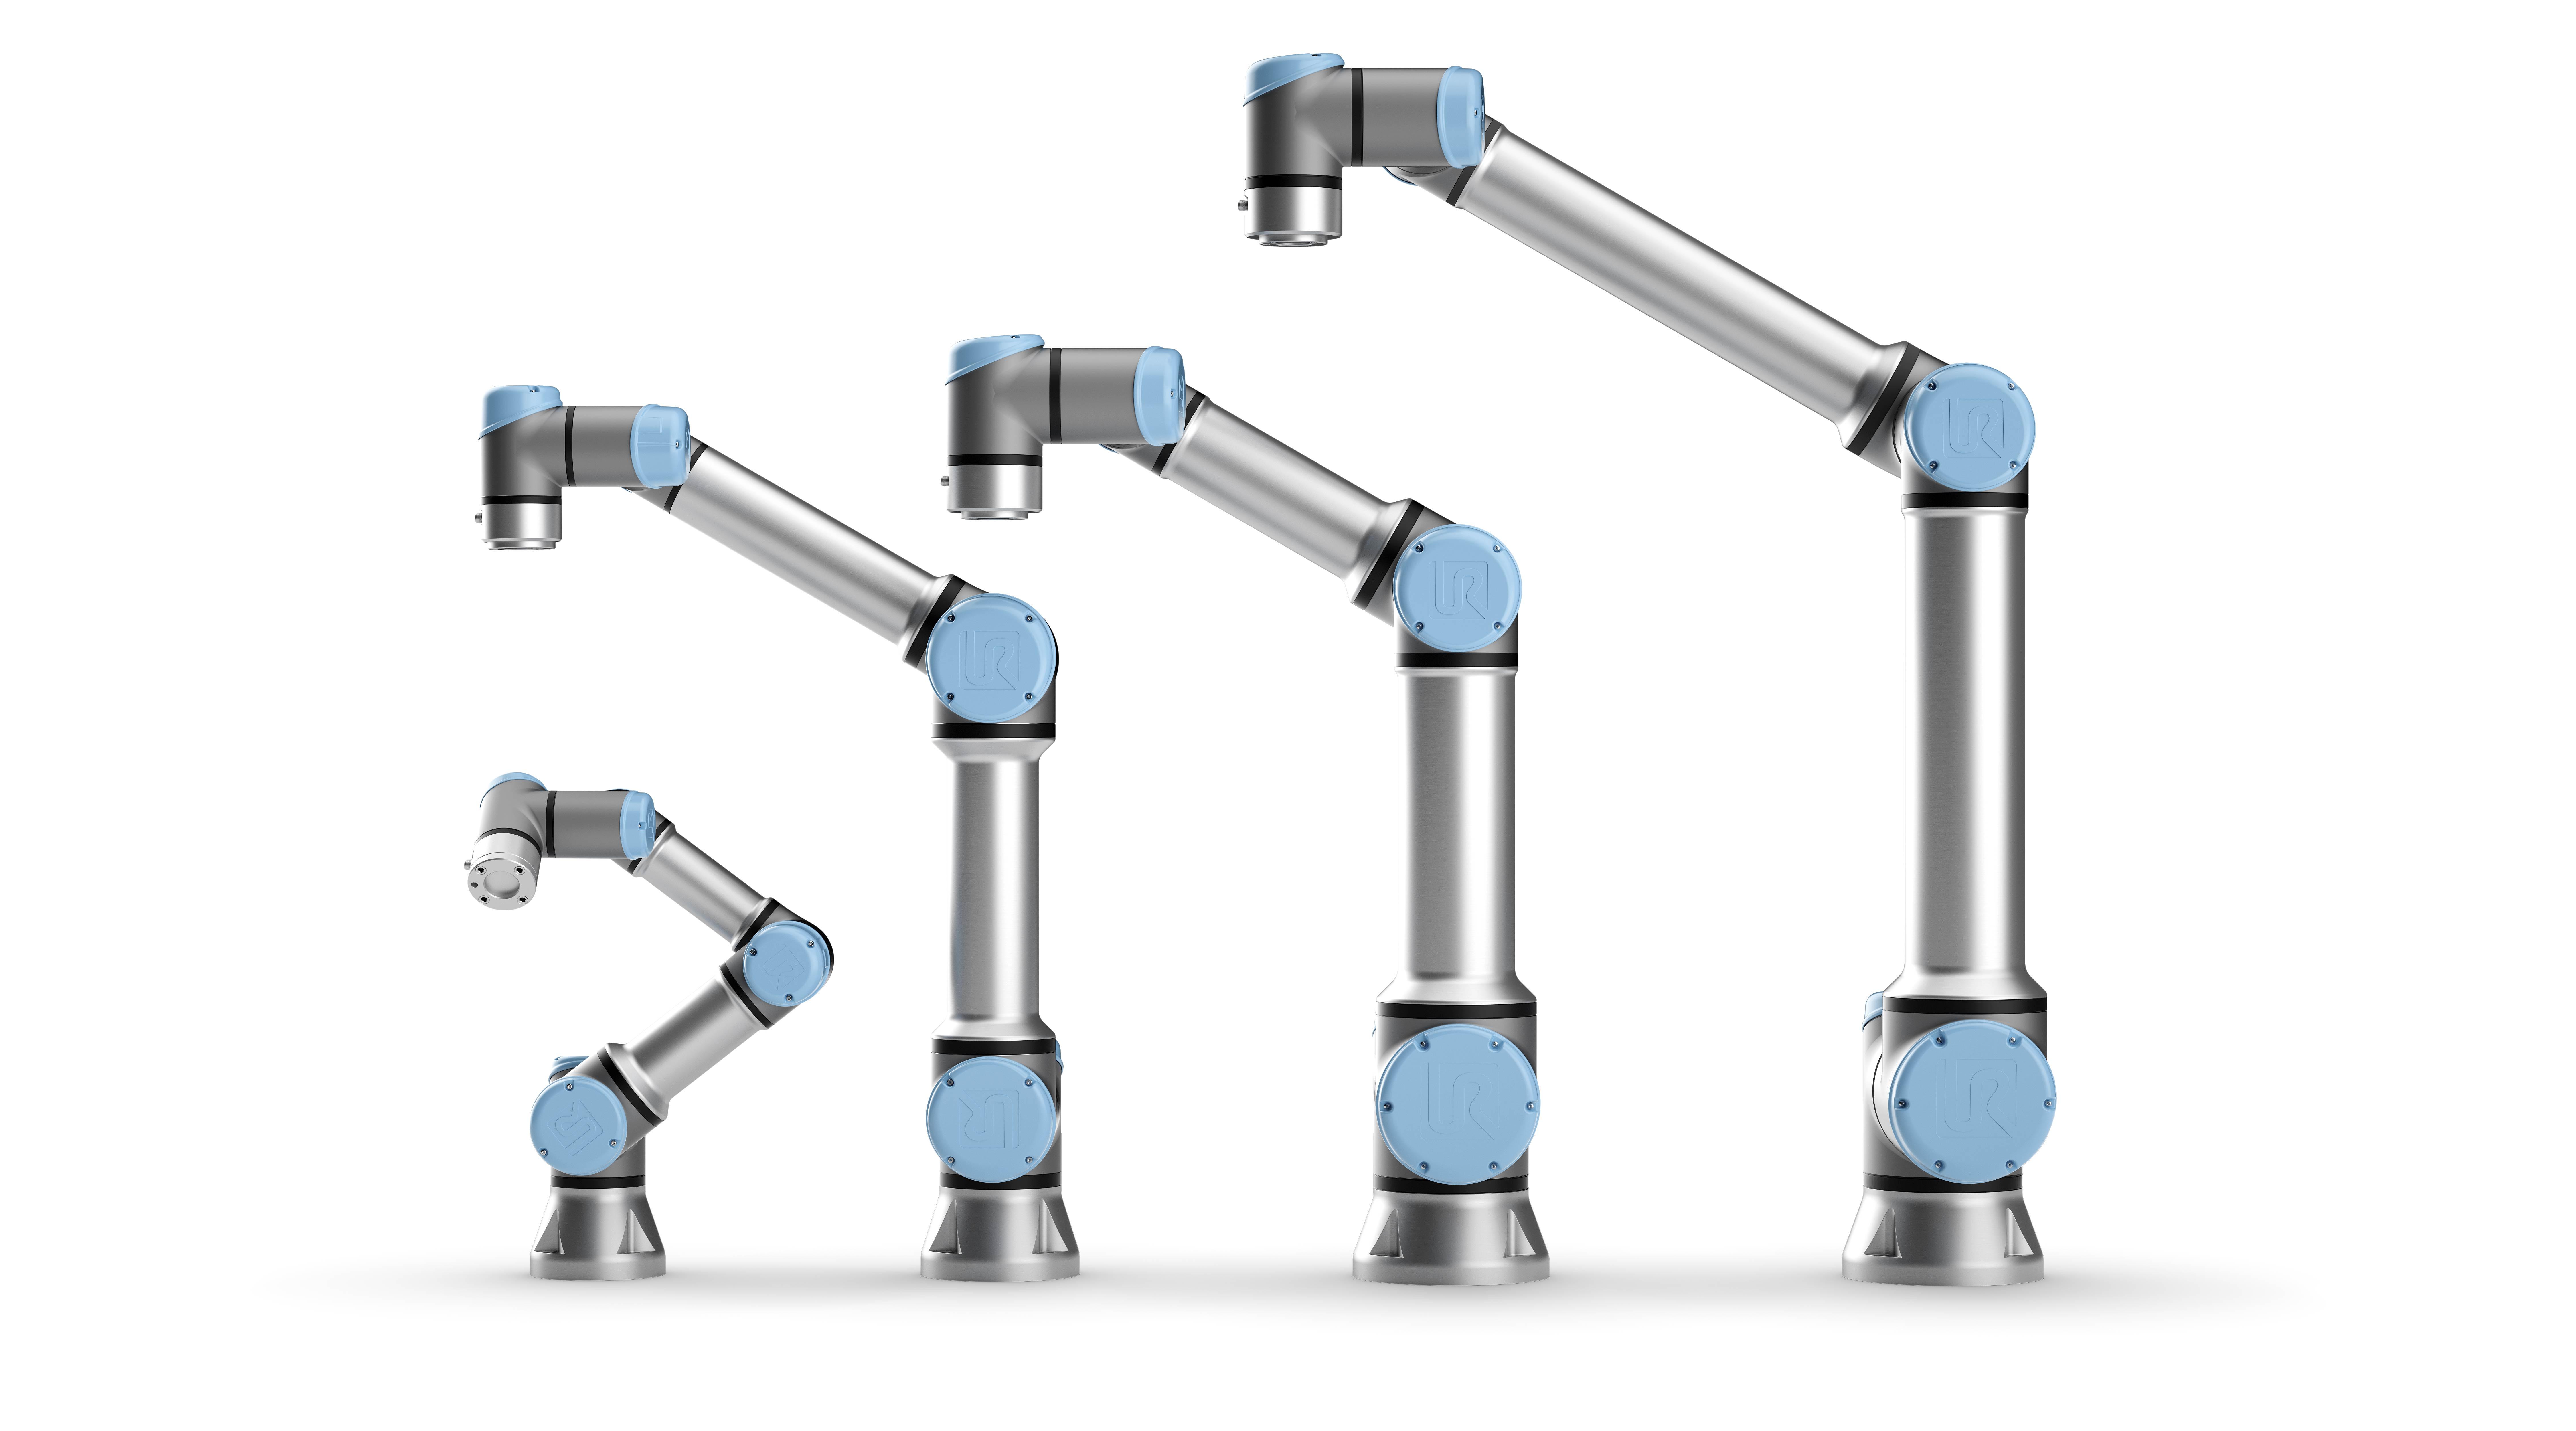 En cobot går och snabbt lätt att driftsätta och den kan lika enkelt omprogrammeras för nya uppgifter.